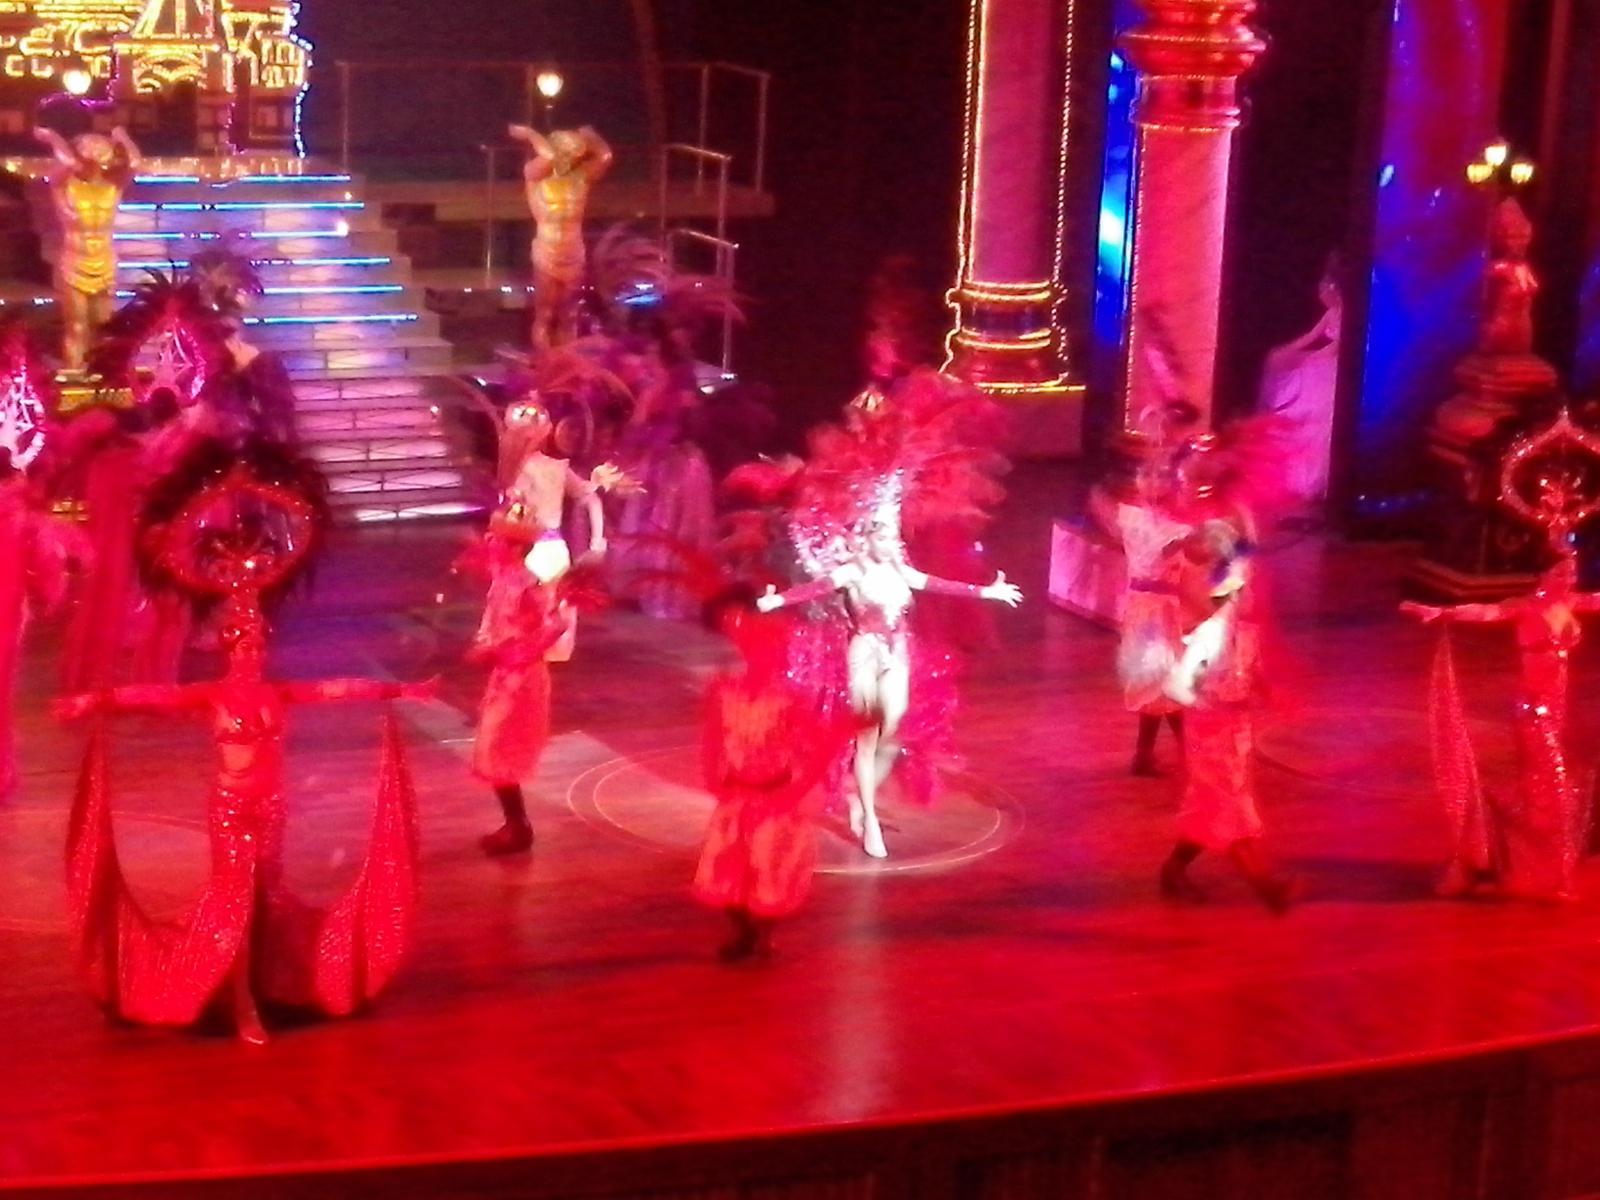 Alcazar show in Pattaya, Thailand.